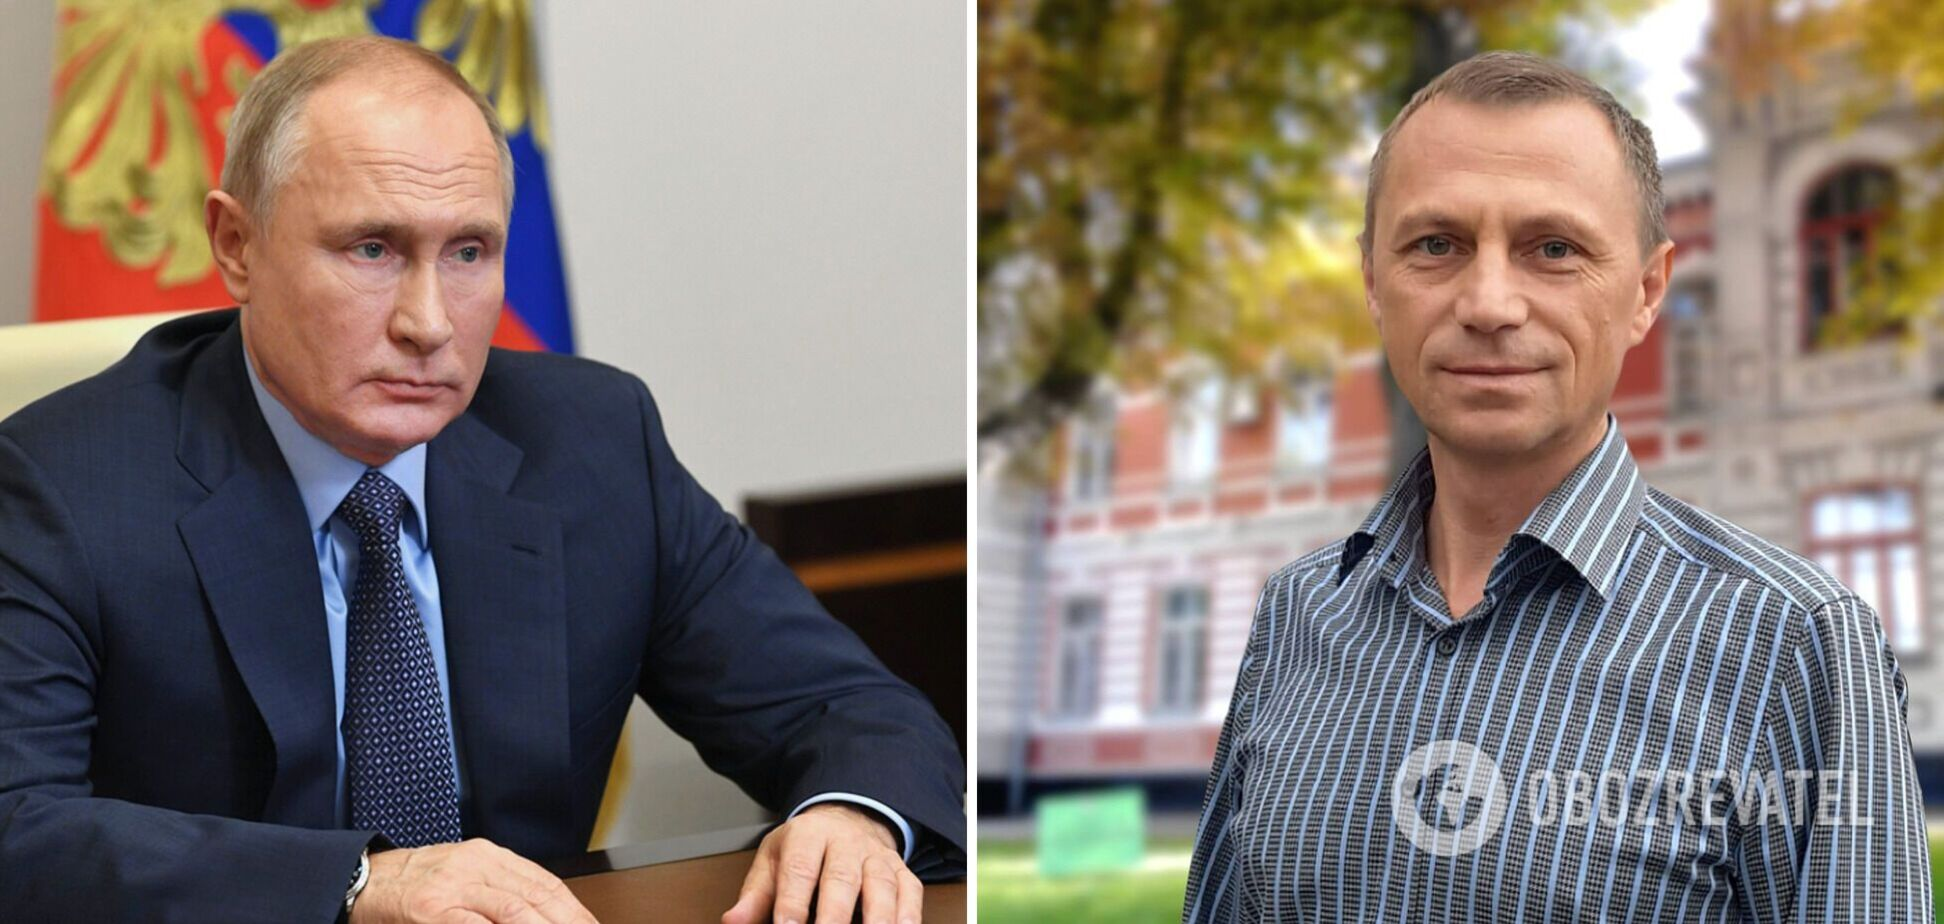 Тезка Путина в Украине рассказал, где работает и как в него стреляли